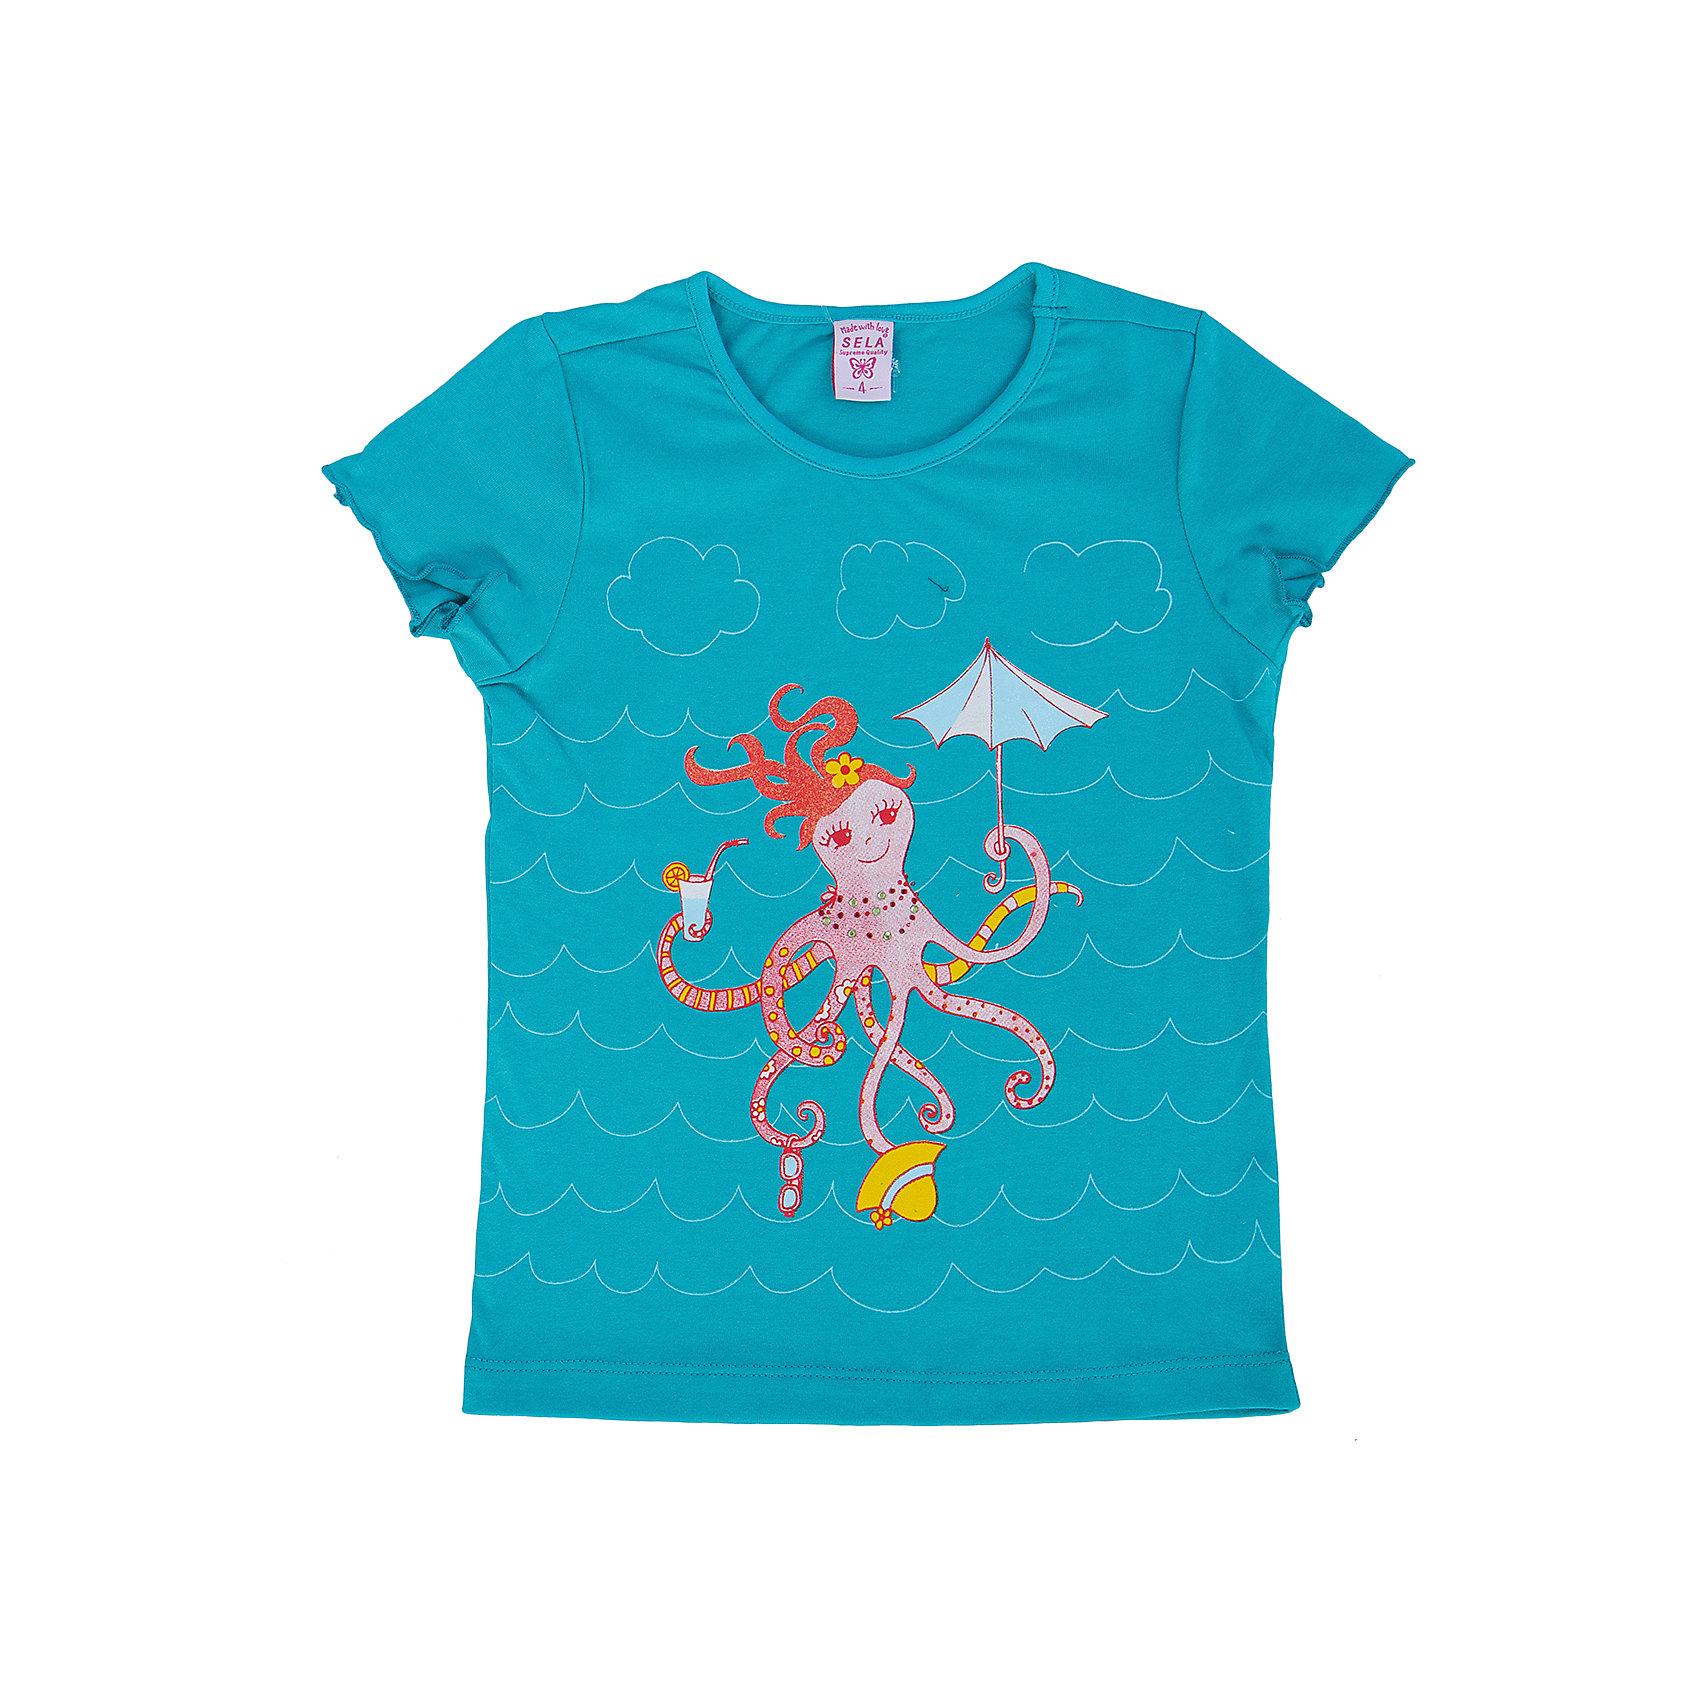 Футболка для девочки SELAФутболки, поло и топы<br>Модная футболка для девочки от популярного бренда SELA. Изделие выполнено из натурального гипоаллергенного трикотажа, очень мягкого, дышащего и приятного к телу, и обладает следующими особенностями:<br>- голубой цвет, милый принт на груди;<br>- эластичная отделка горловины;<br>- комфортный крой, гарантирующий свободу движений;<br>- базовая модель.<br>Великолепный выбор для активного лета!<br><br>Дополнительная информация:<br>- состав: 100% хлопок<br>- цвет: голубой + принт<br><br>Футболку для девочки SELA (СЕЛА) можно купить в нашем магазине<br><br>Ширина мм: 199<br>Глубина мм: 10<br>Высота мм: 161<br>Вес г: 151<br>Цвет: голубой<br>Возраст от месяцев: 24<br>Возраст до месяцев: 36<br>Пол: Женский<br>Возраст: Детский<br>Размер: 98,116,92,104,110<br>SKU: 4745387